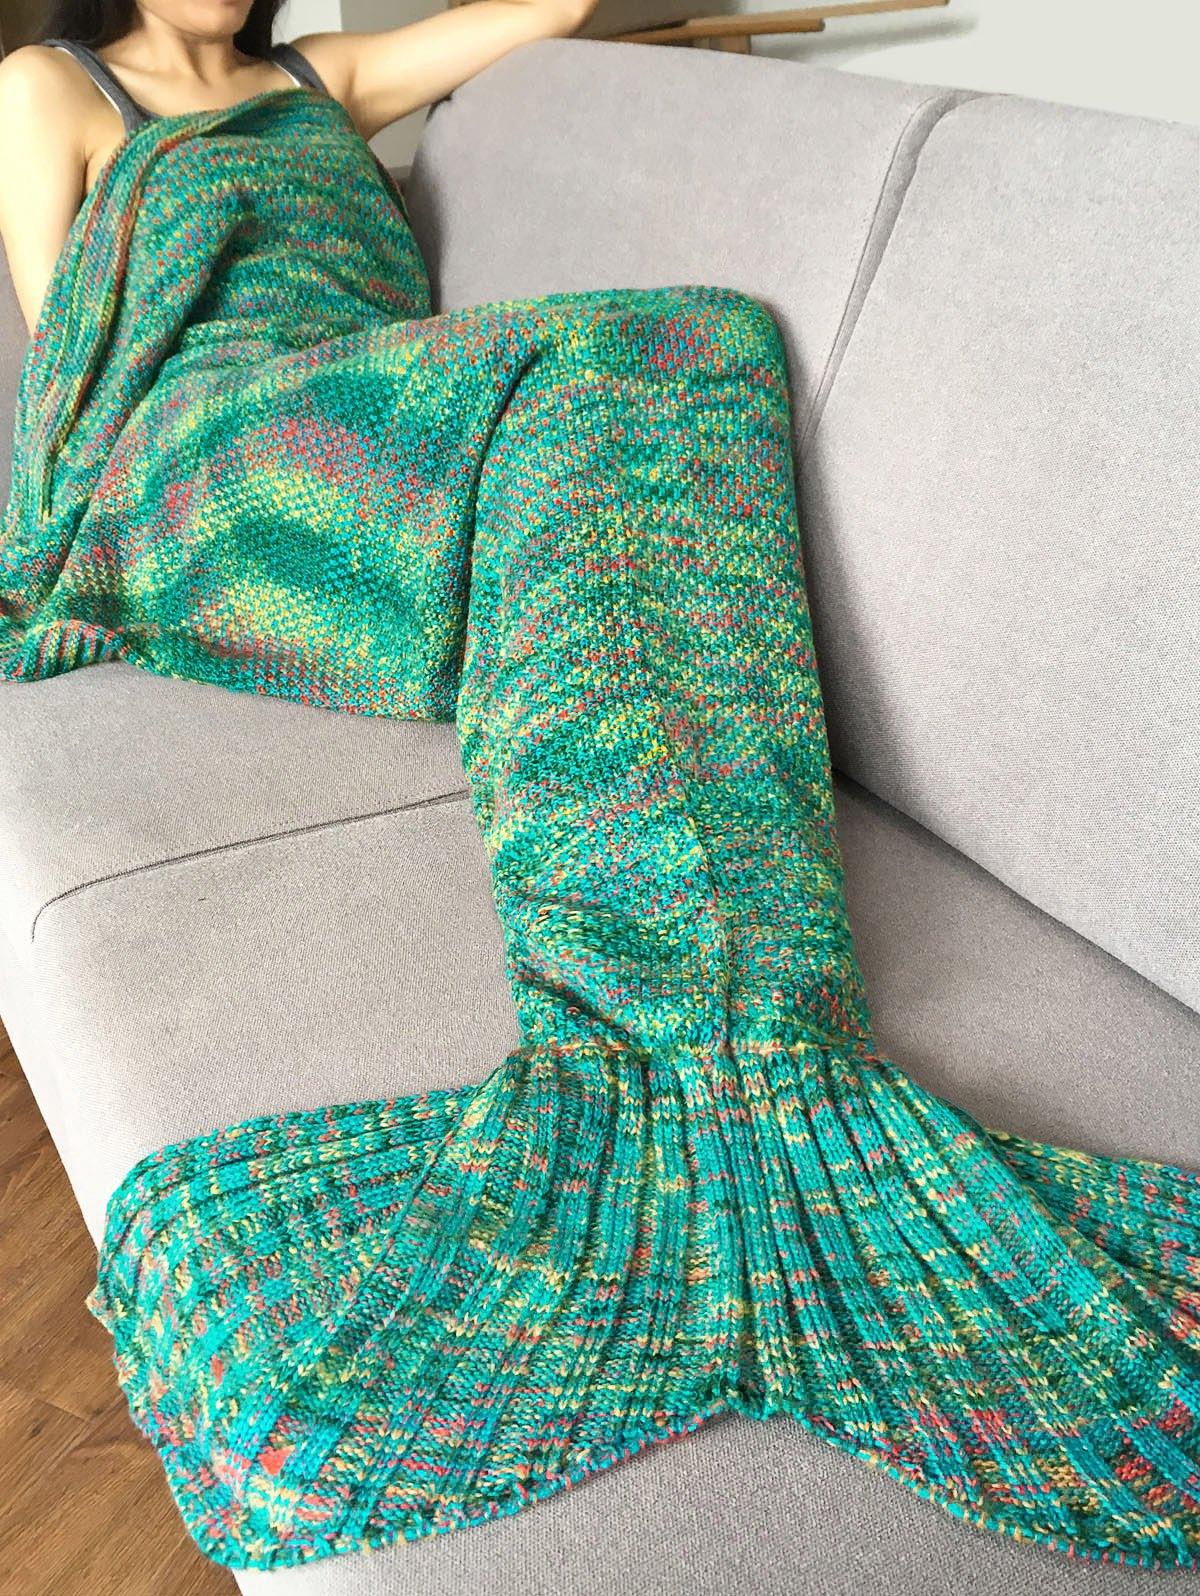 Crochet Knitted Super Soft Mermaid Tail Shape Blanket